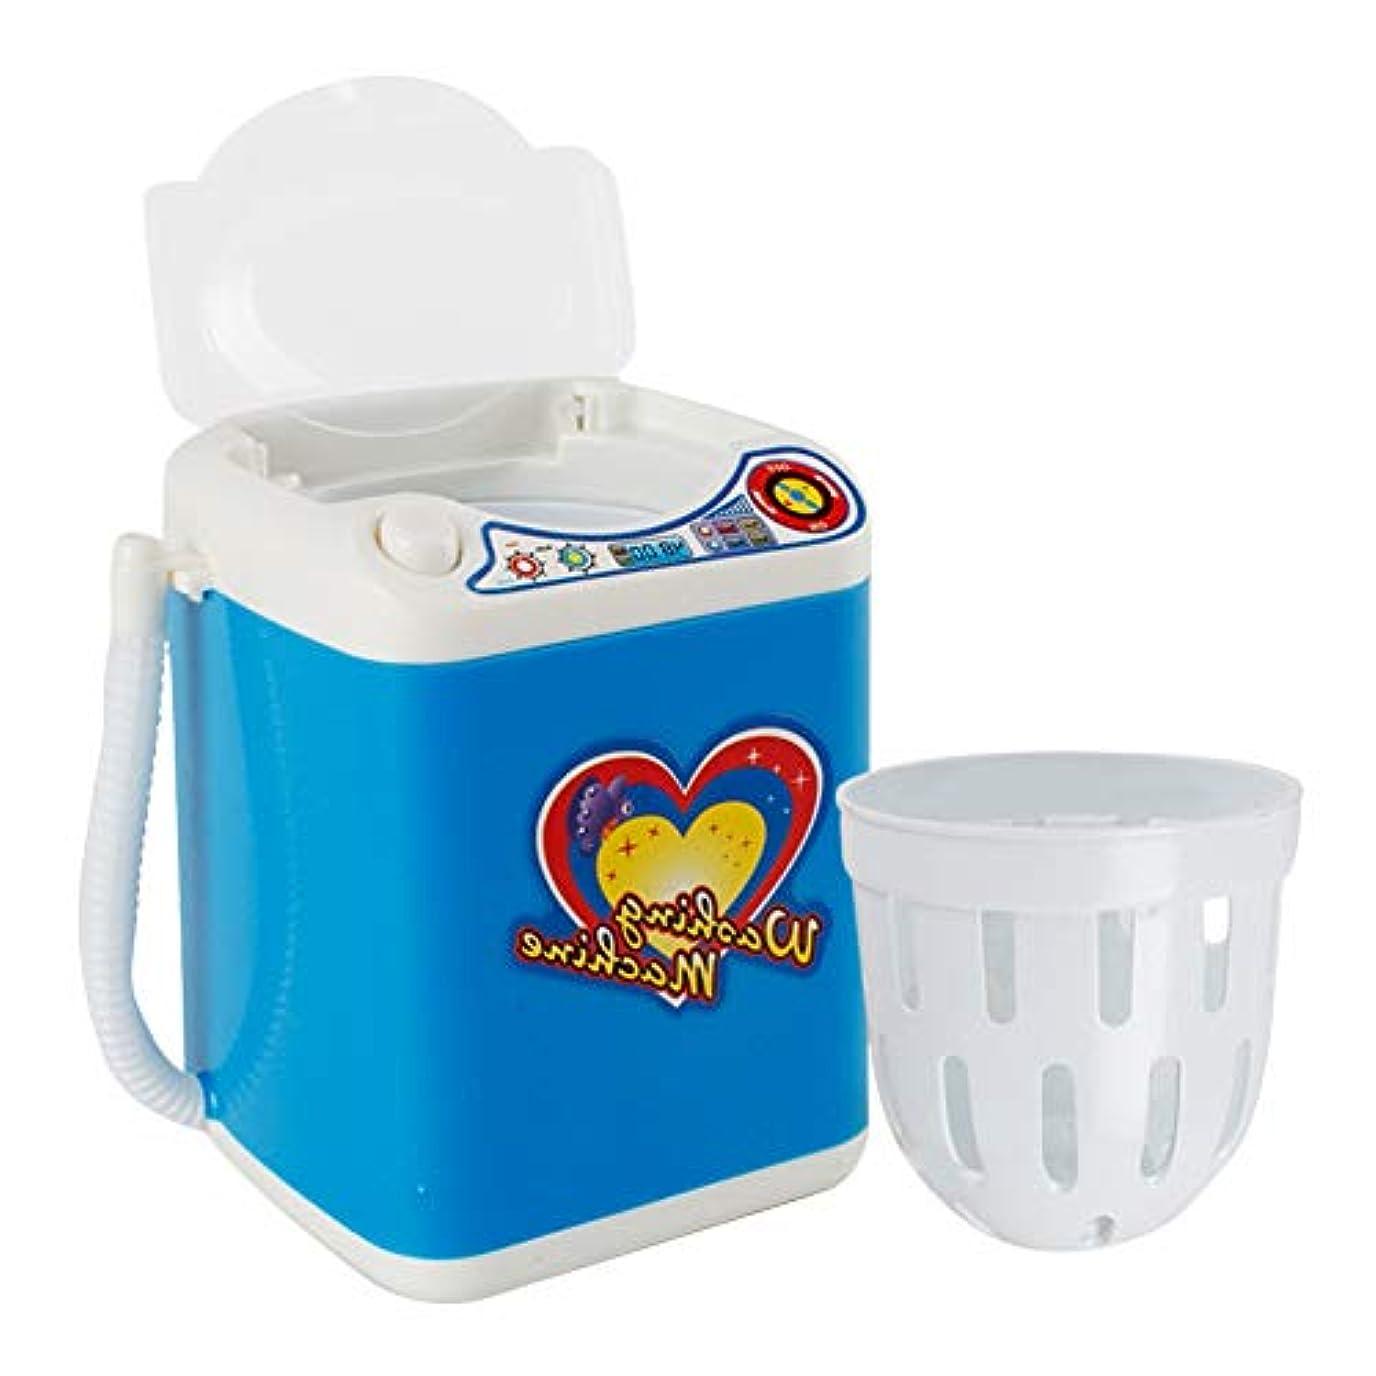 援助好意的ラケット洗濯機丈夫なクリーニング子供家具玩具ポータブル自動回転ミニ電気ふりプレイ電池式ランドリー排水バスケット化粧ブラシ(ブルー)